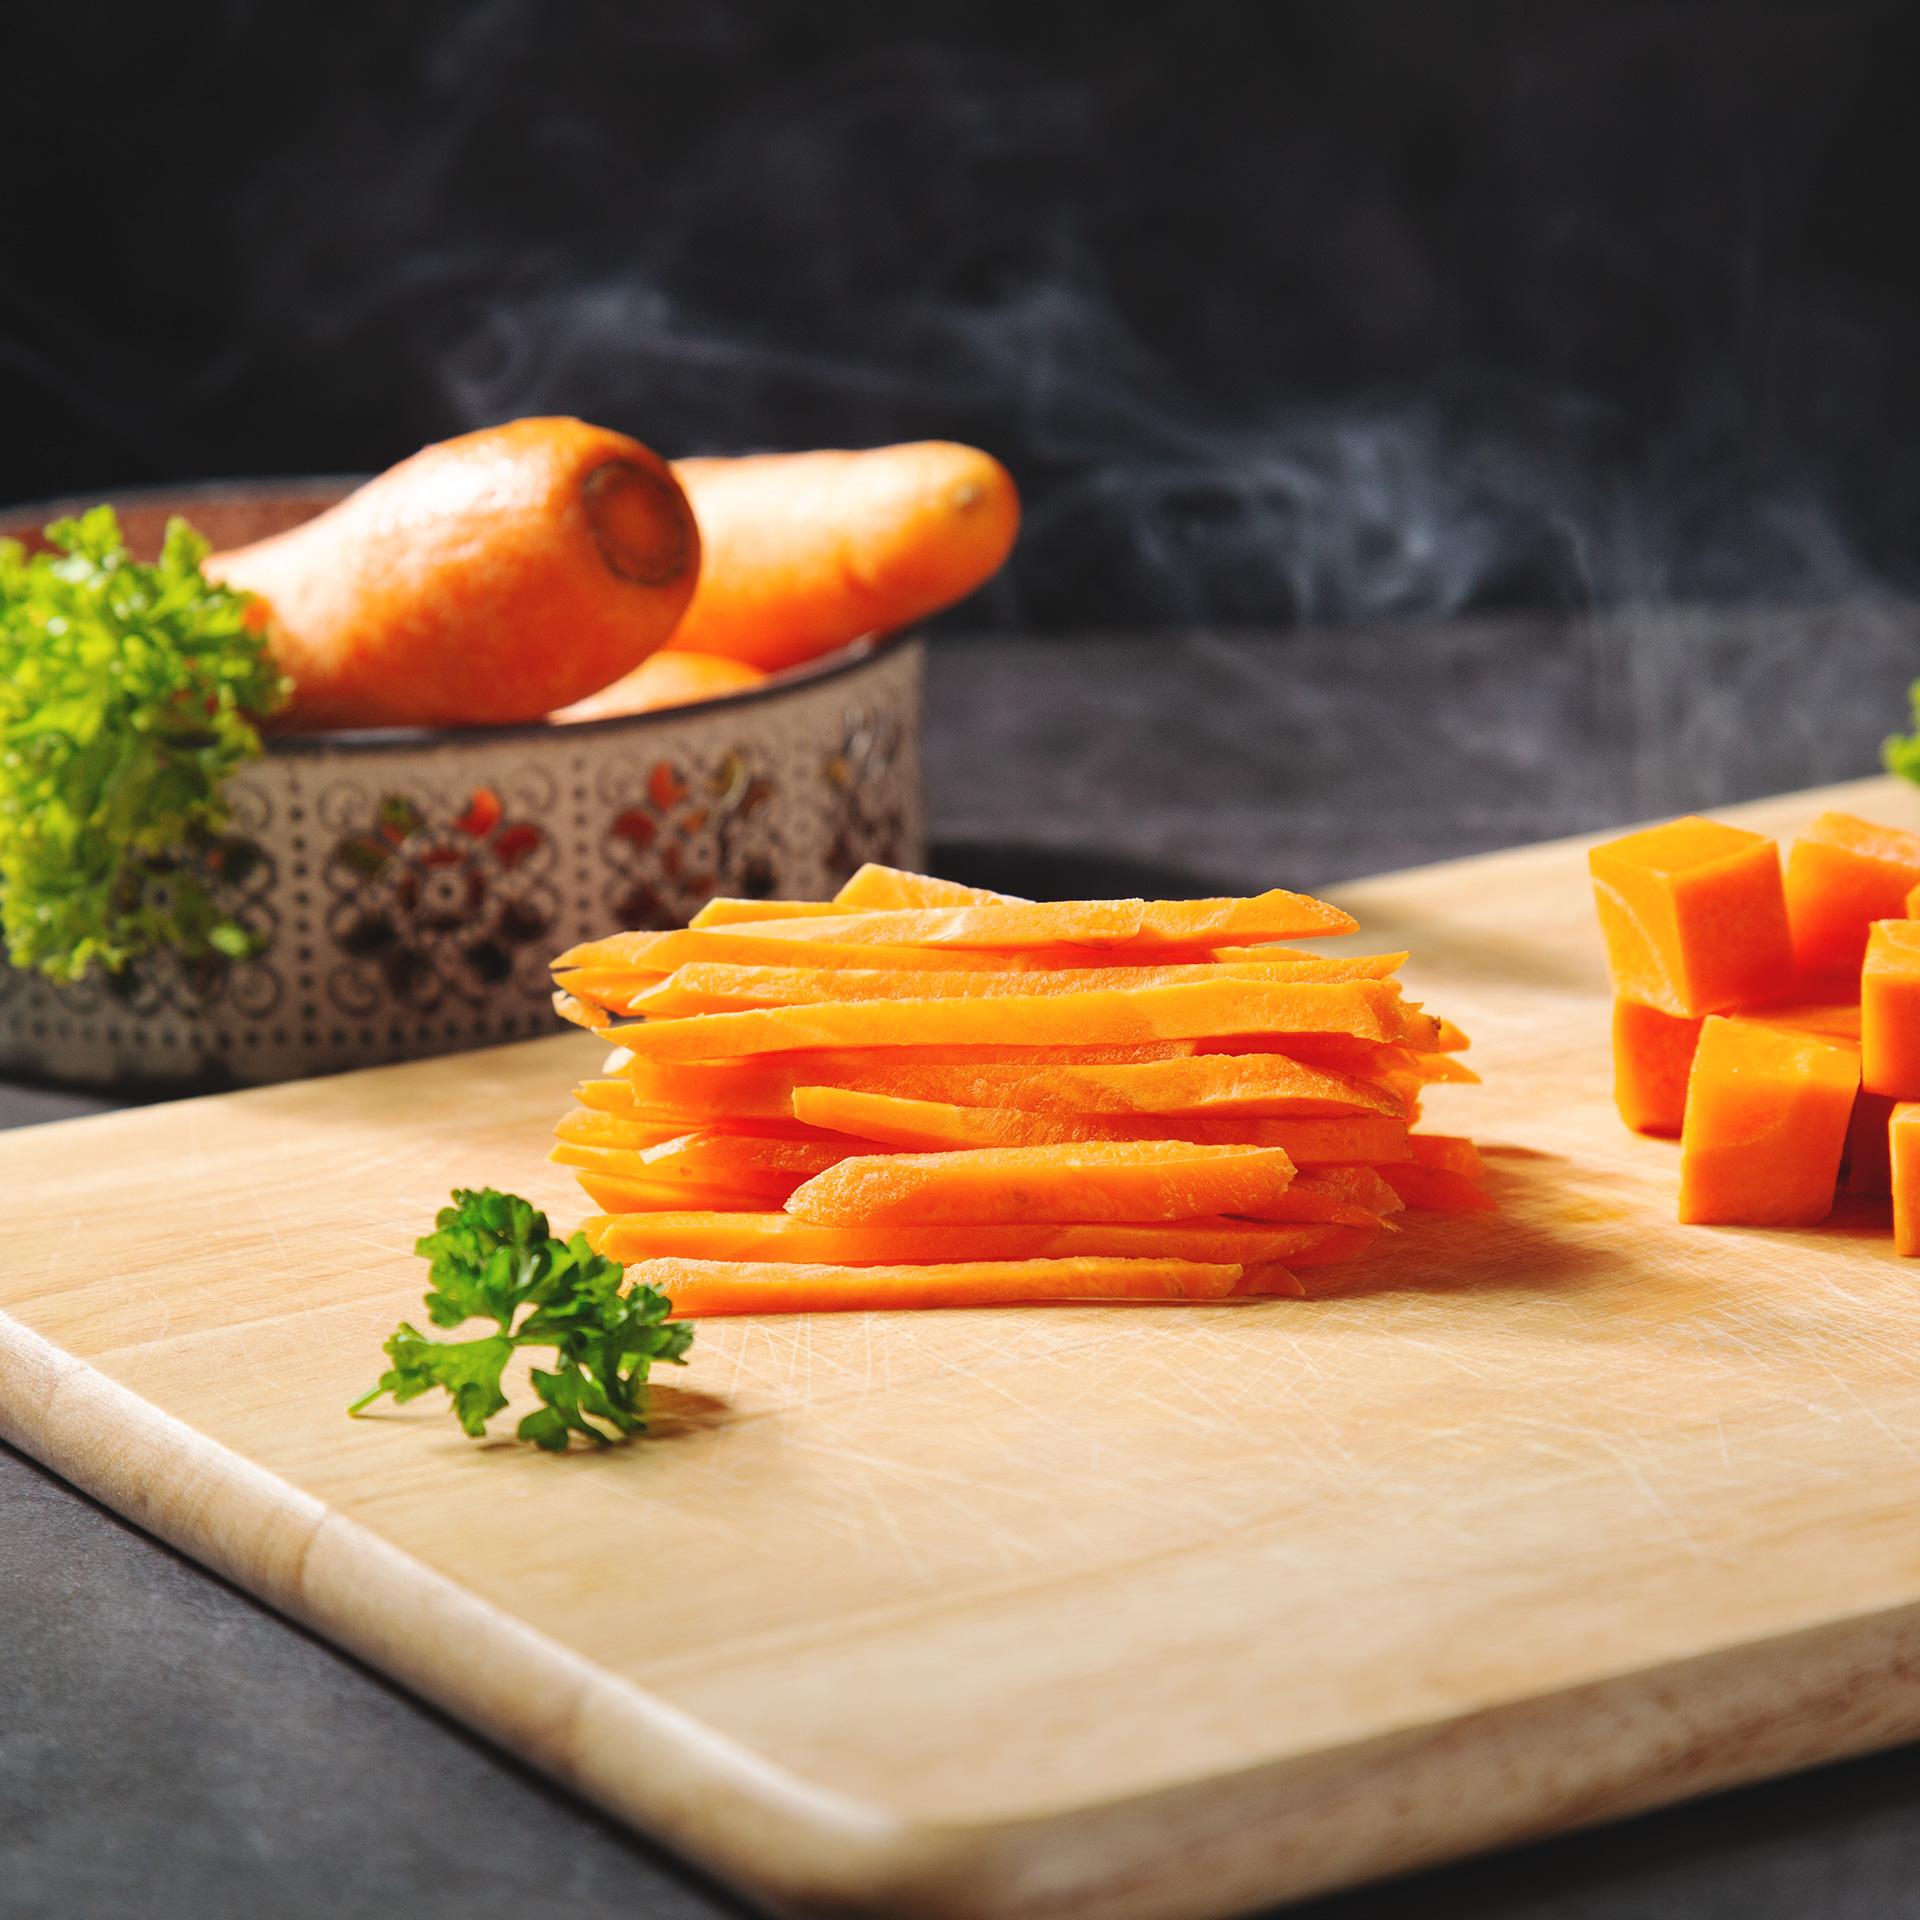 요리가 편해지는 당근 보관법